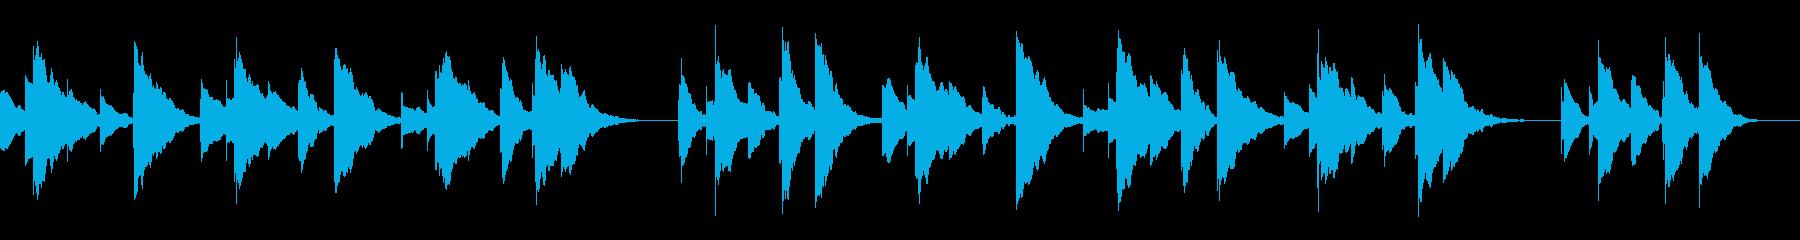 ハッピーバースデーのオルゴールアレンジの再生済みの波形